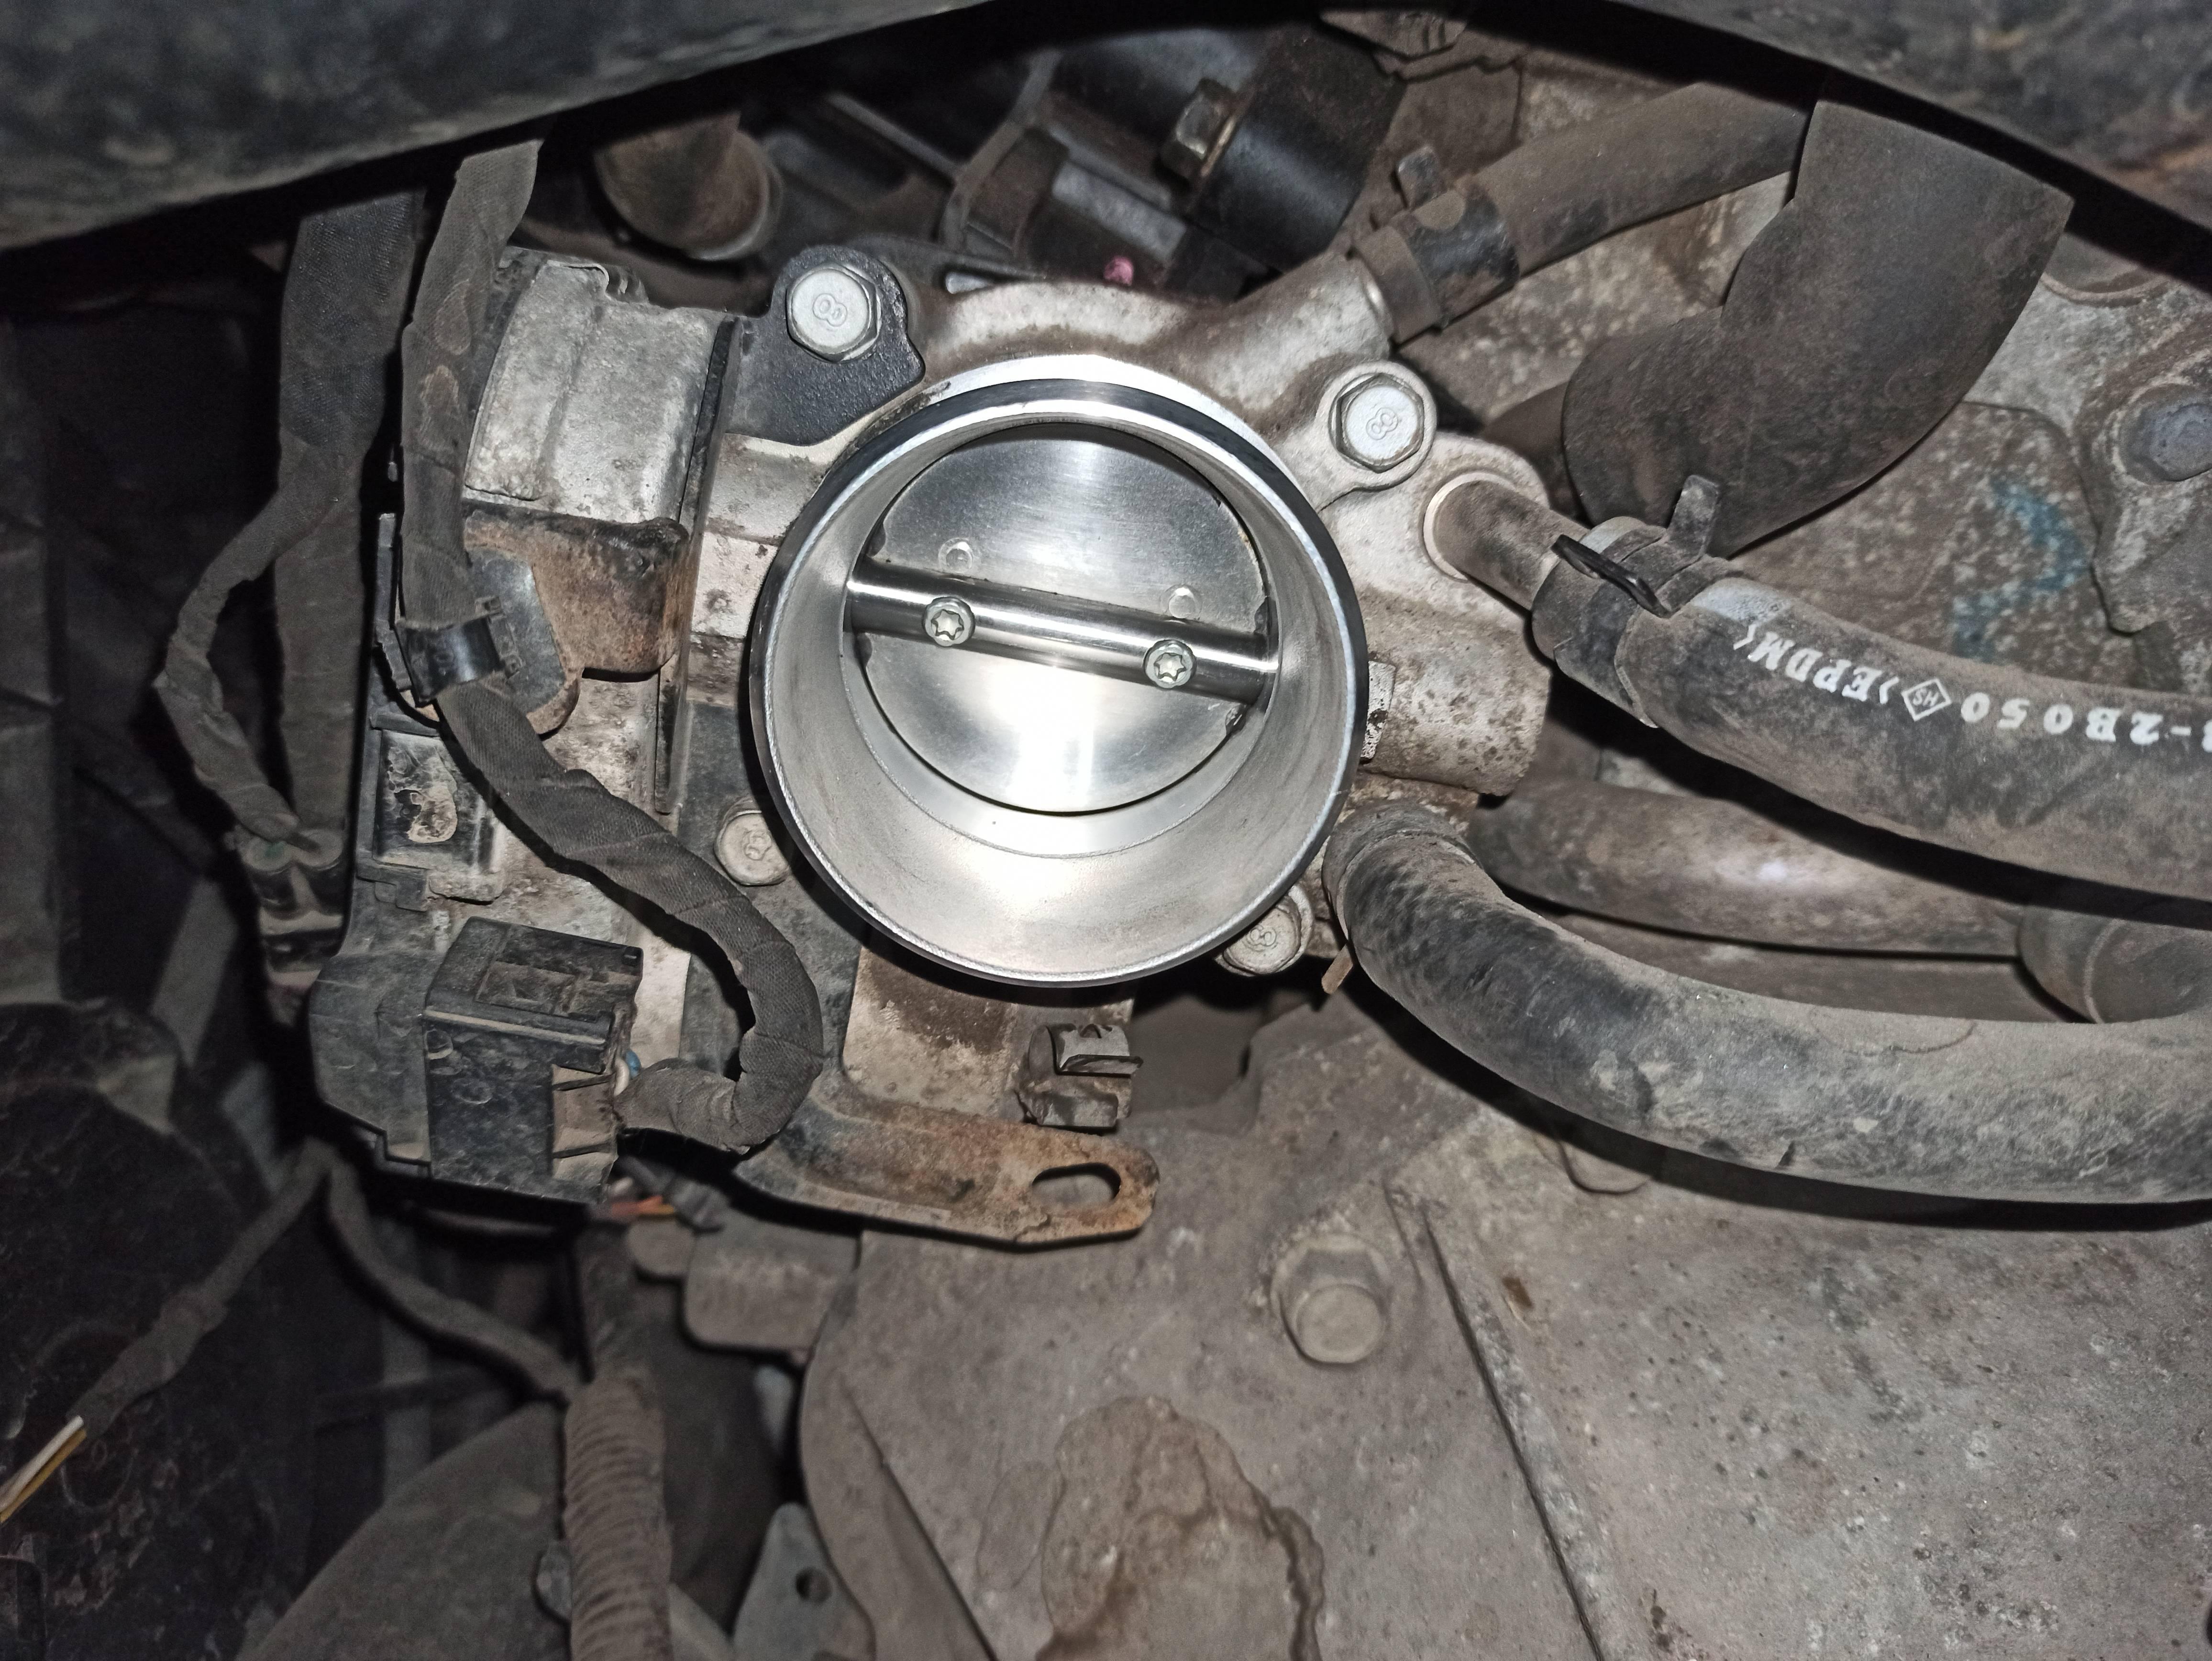 Чистка дроссельной заслонки, замена воздушного фильтра и уплотнительного кольца воздуховода.